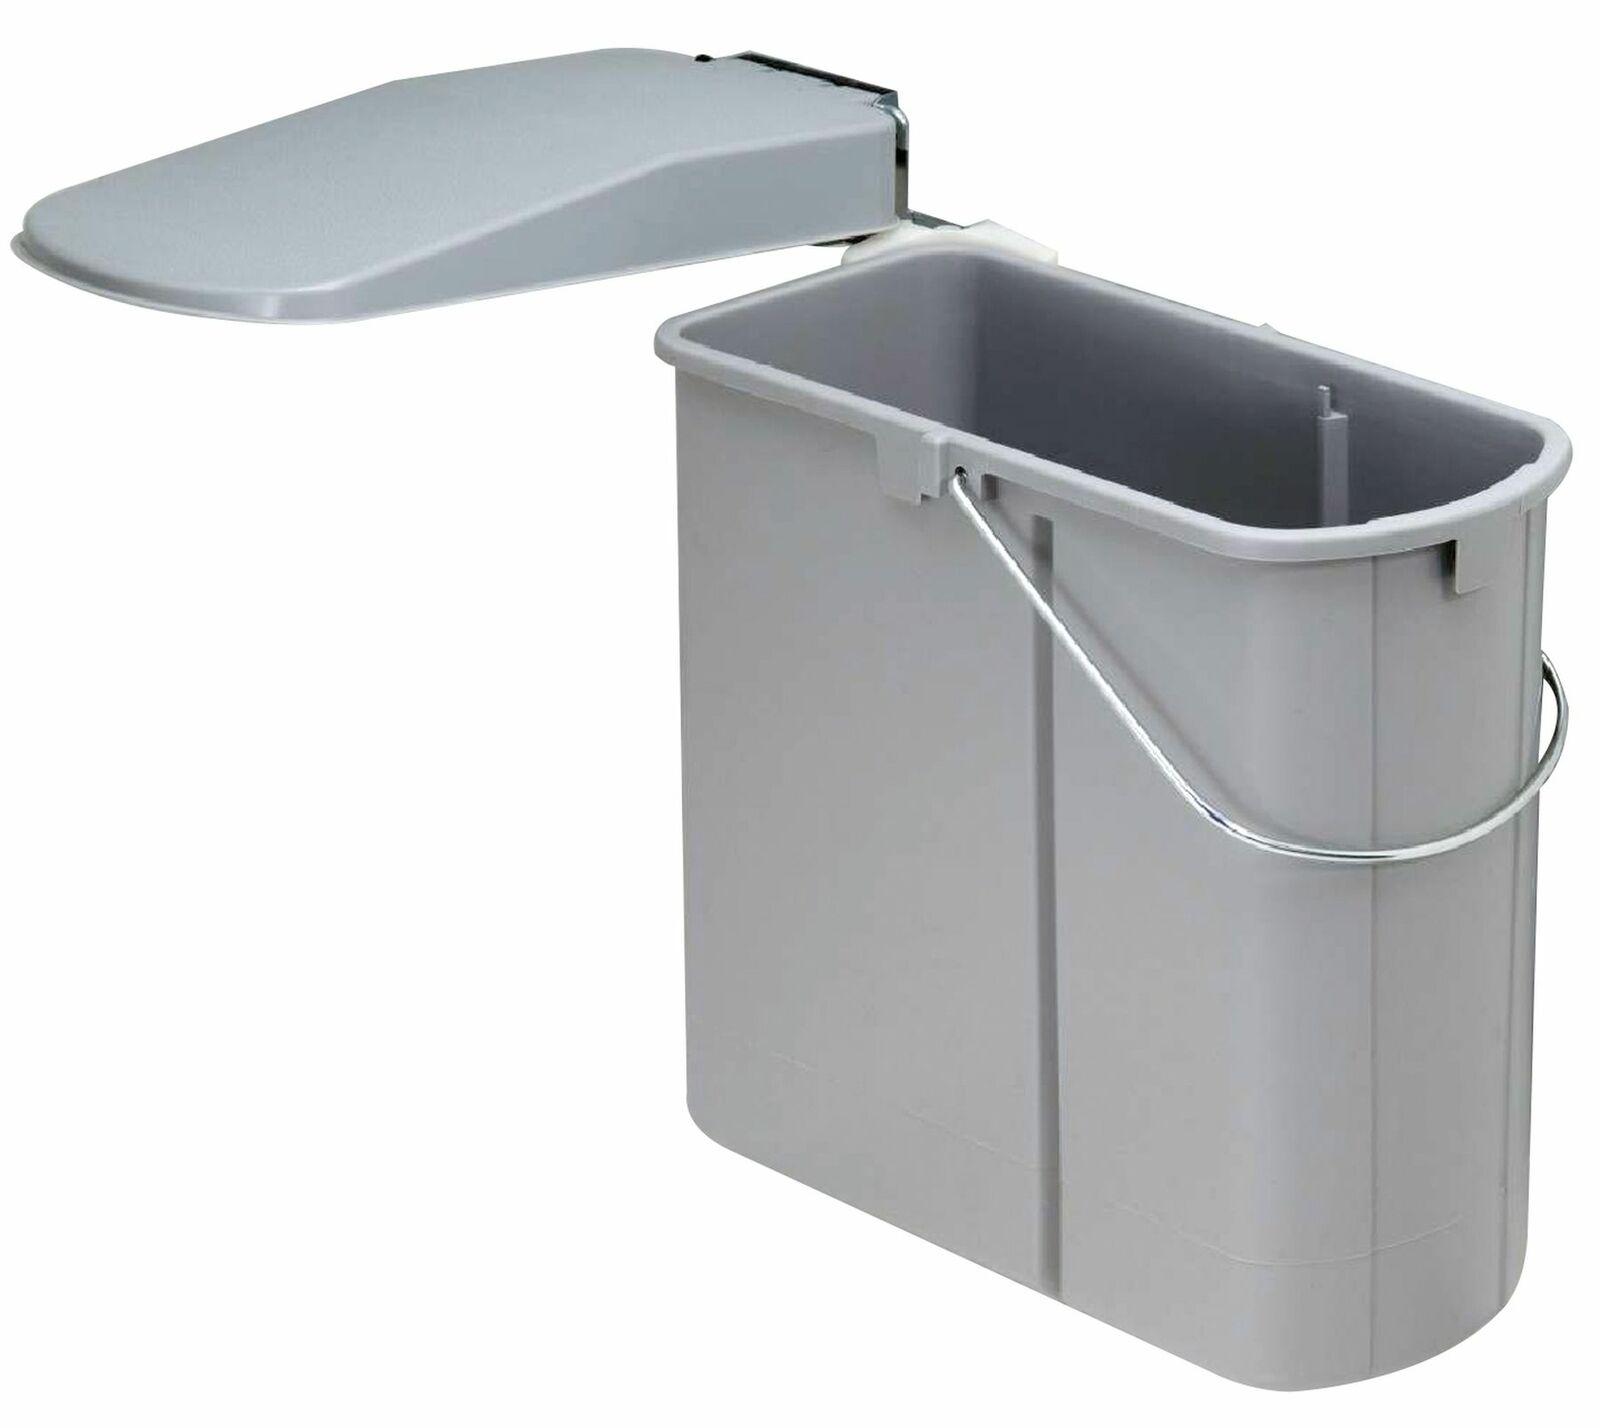 Einbau-Mülleimer Küche 19 L Wesco Abfalleimer Müllsammler schwenkbar *514724